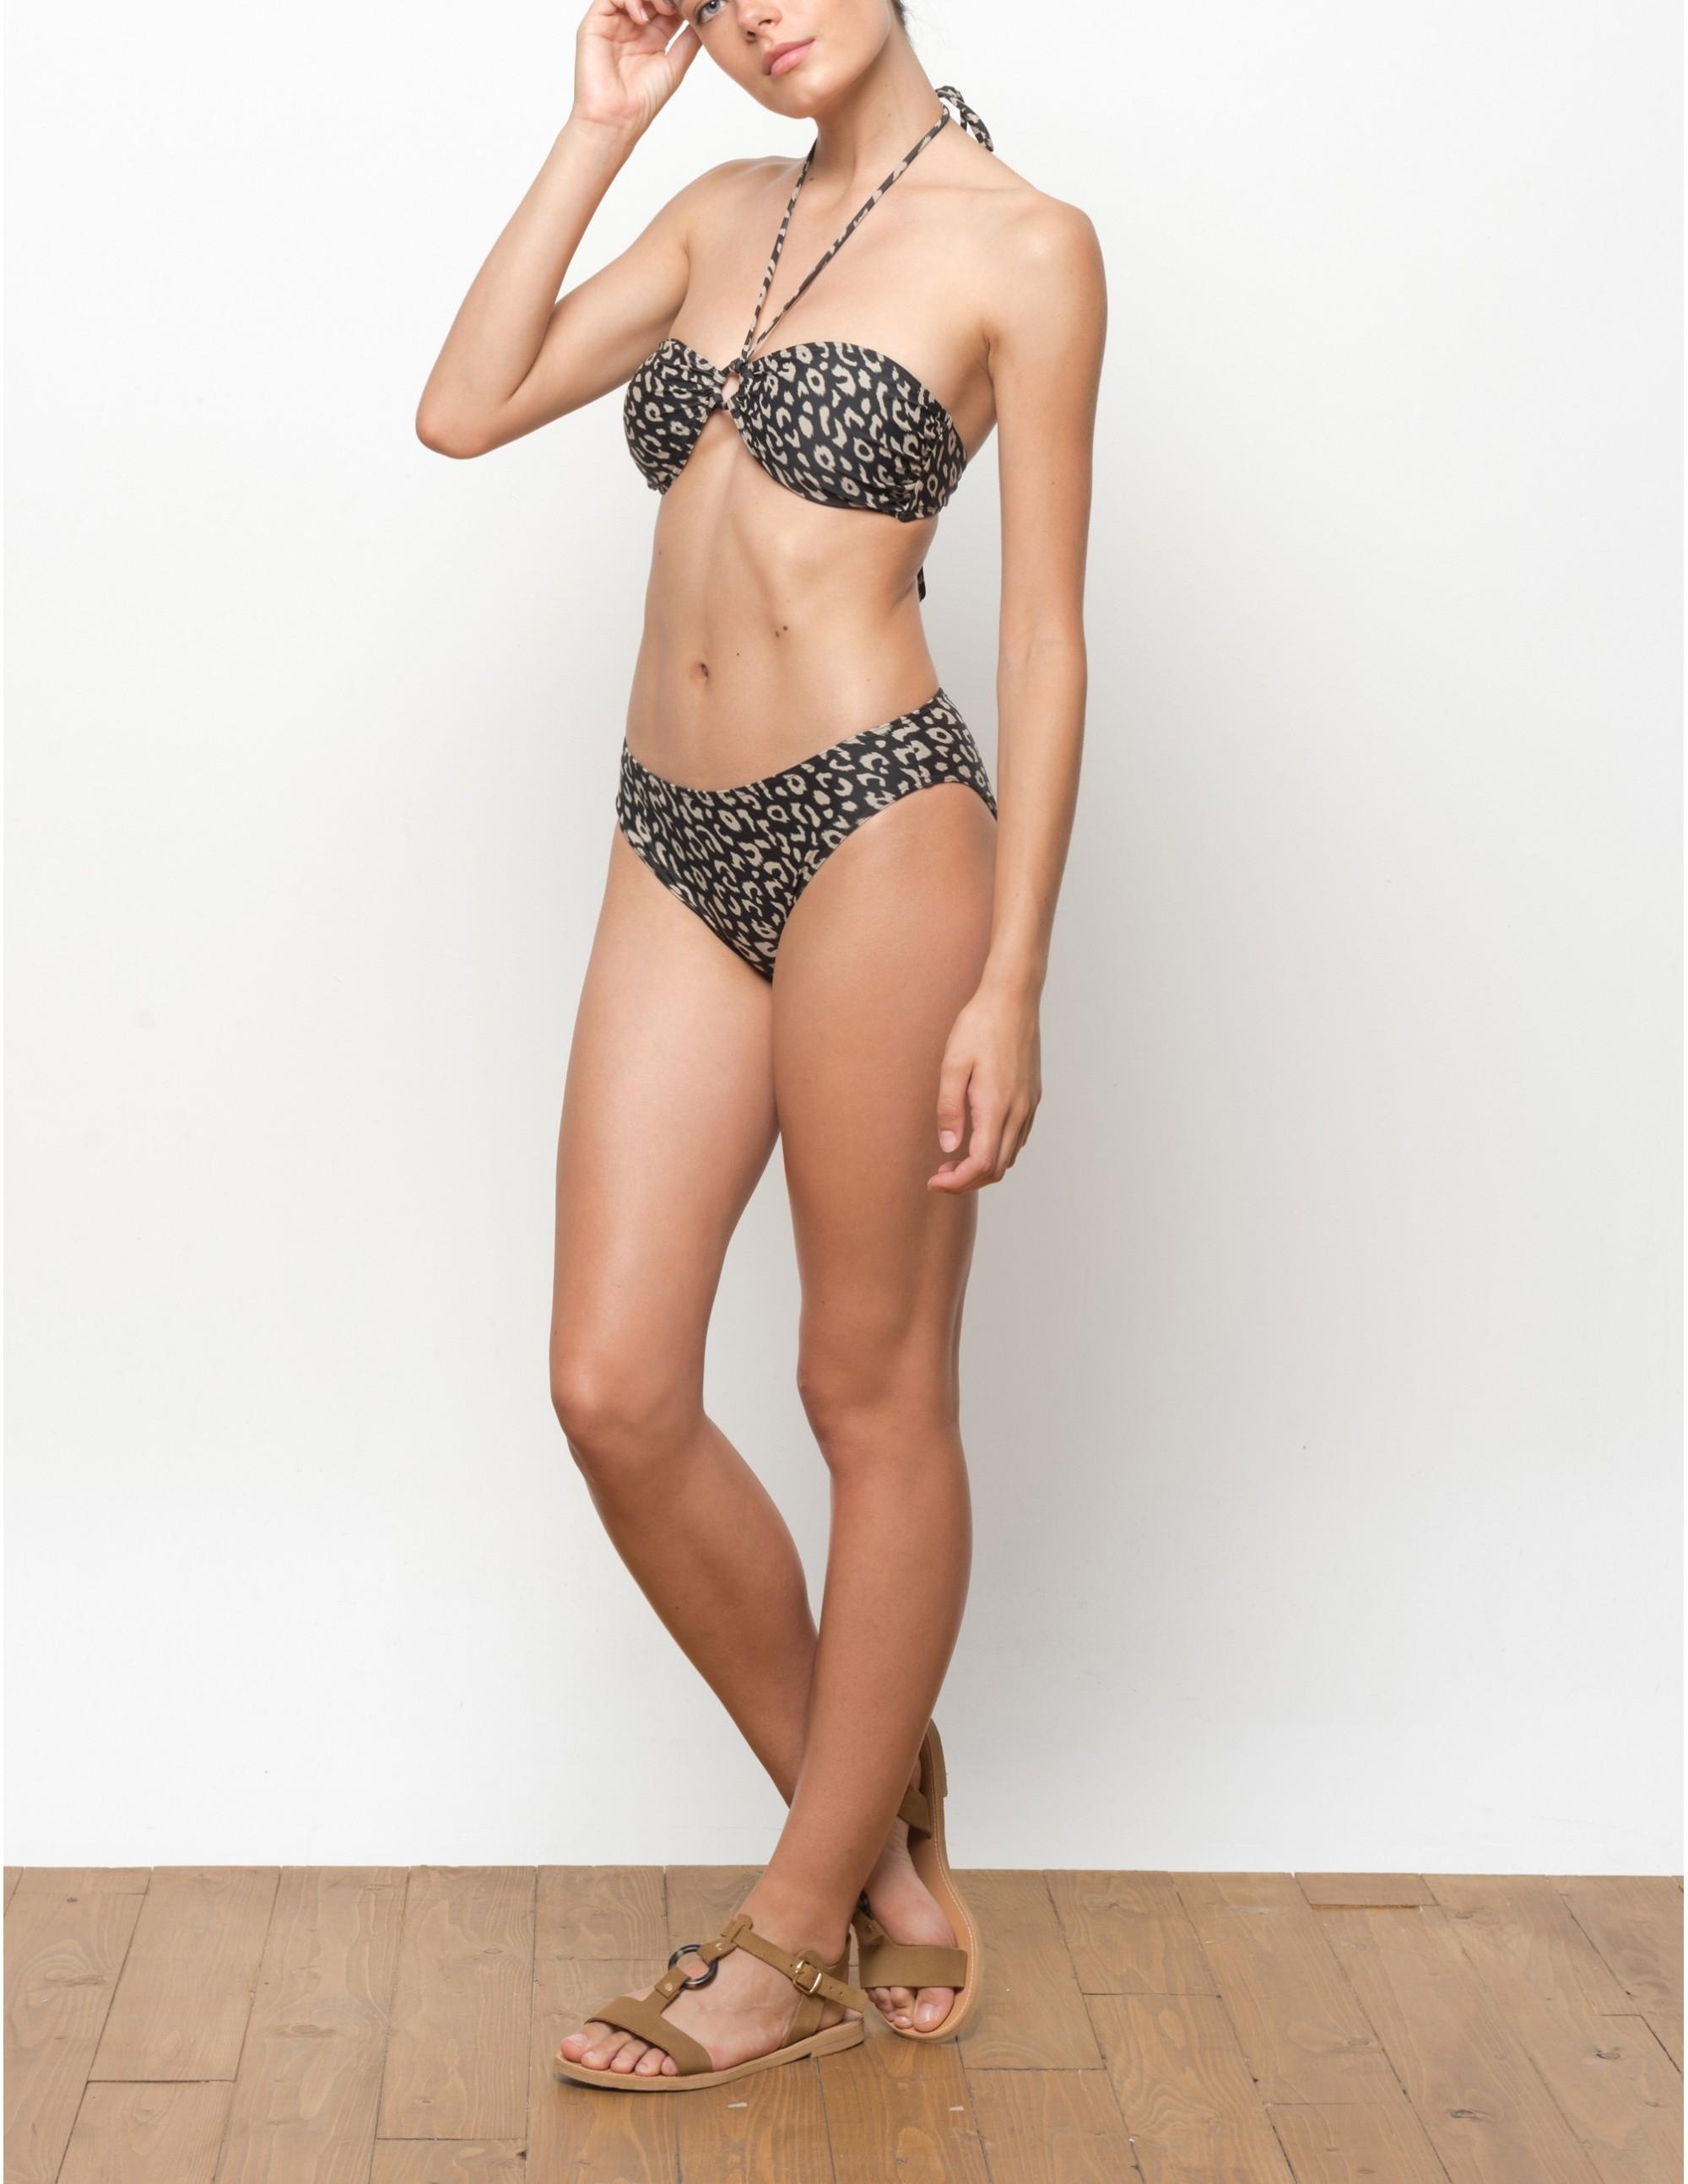 VUMA bikini top - LEOPARD